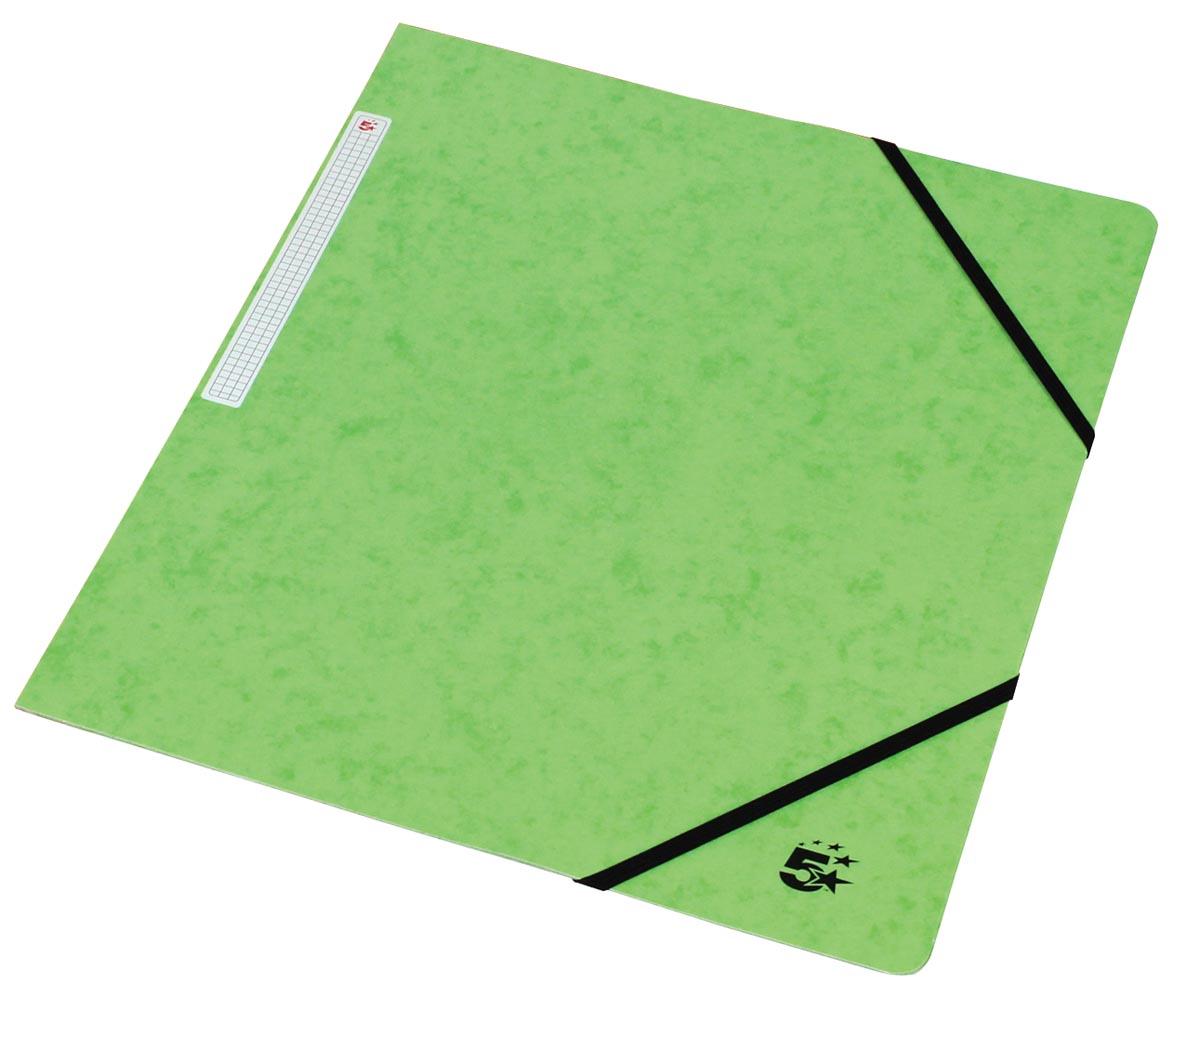 5 Star elastomap, ft A4 (24x32 cm), met elastieken zonder kleppen, lichtgroen, pak van 10 stuks